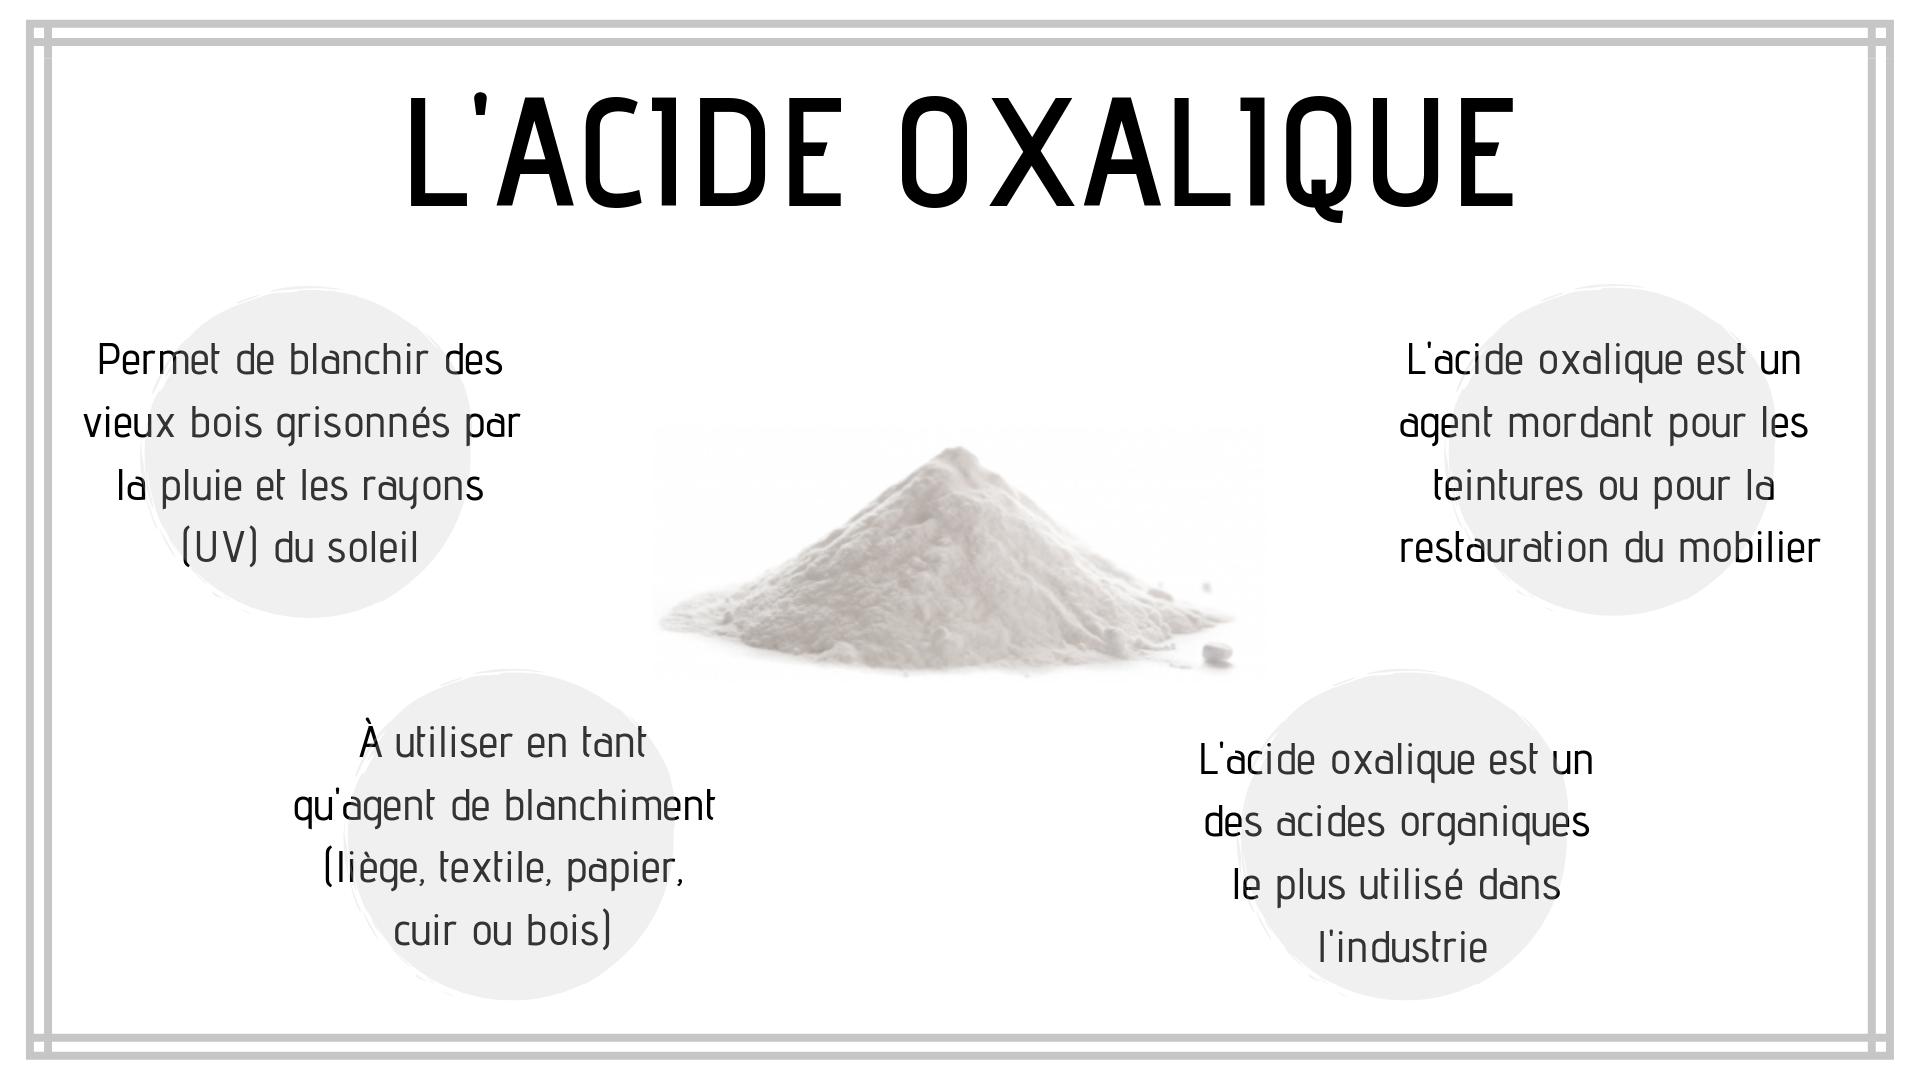 Écobulle : Acide oxalique